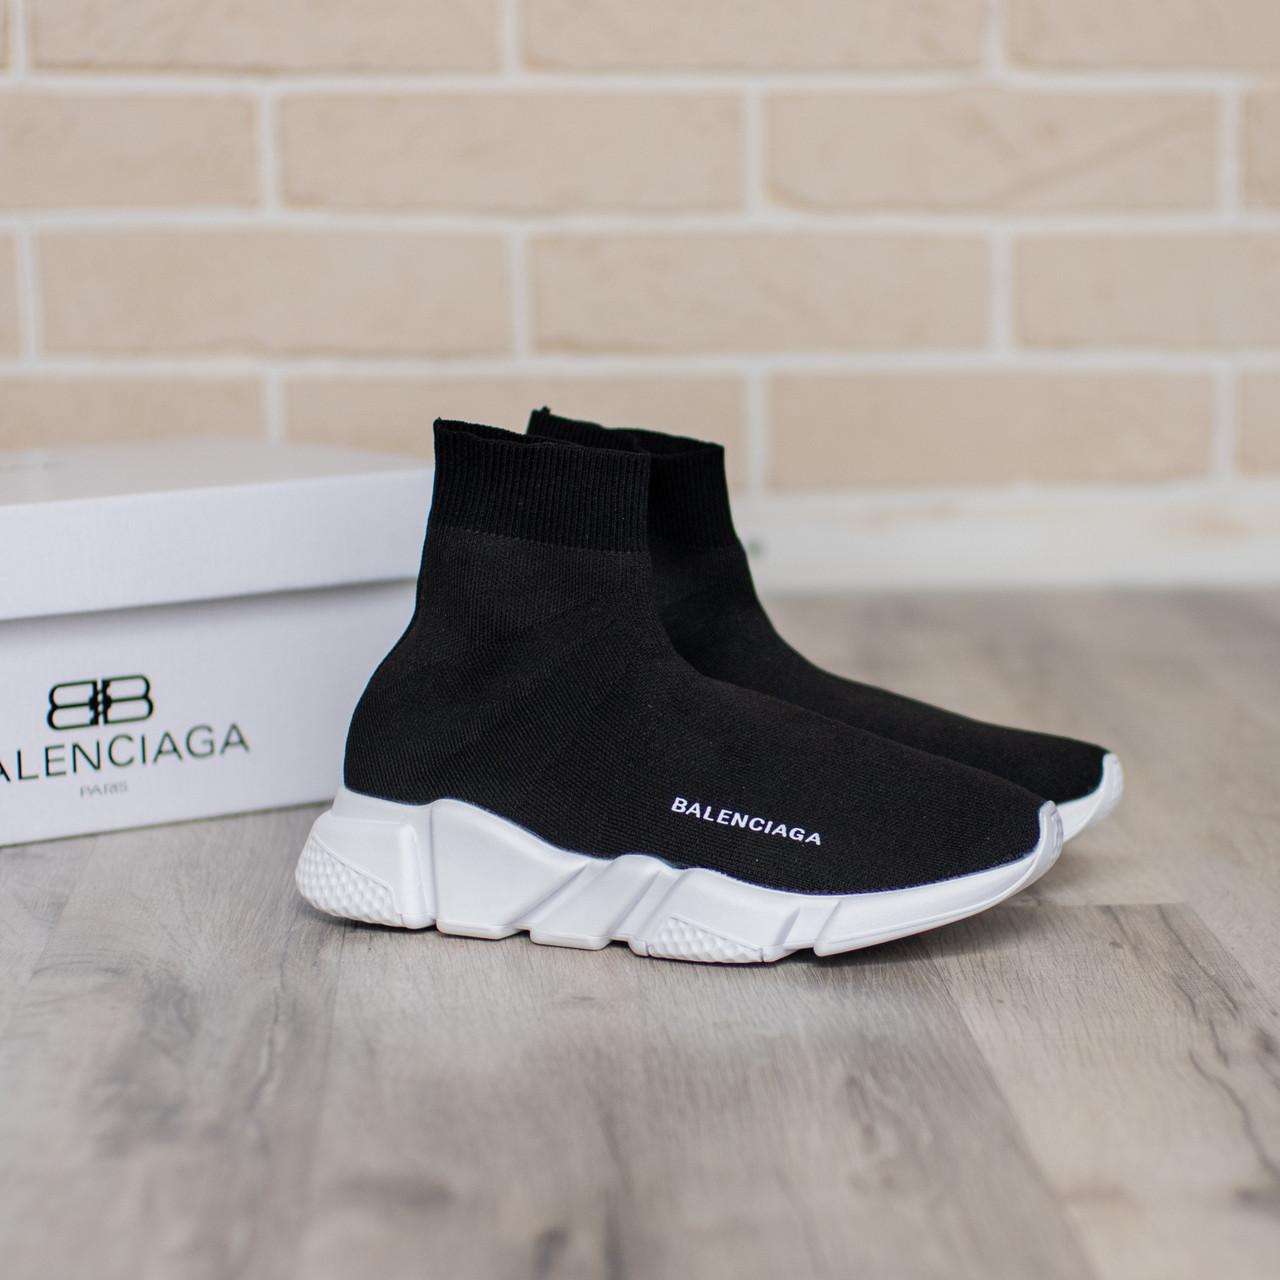 Стильные кроссовки в стиле Balenciaga Speed Trainer Black/White (36 - 45 размеры)